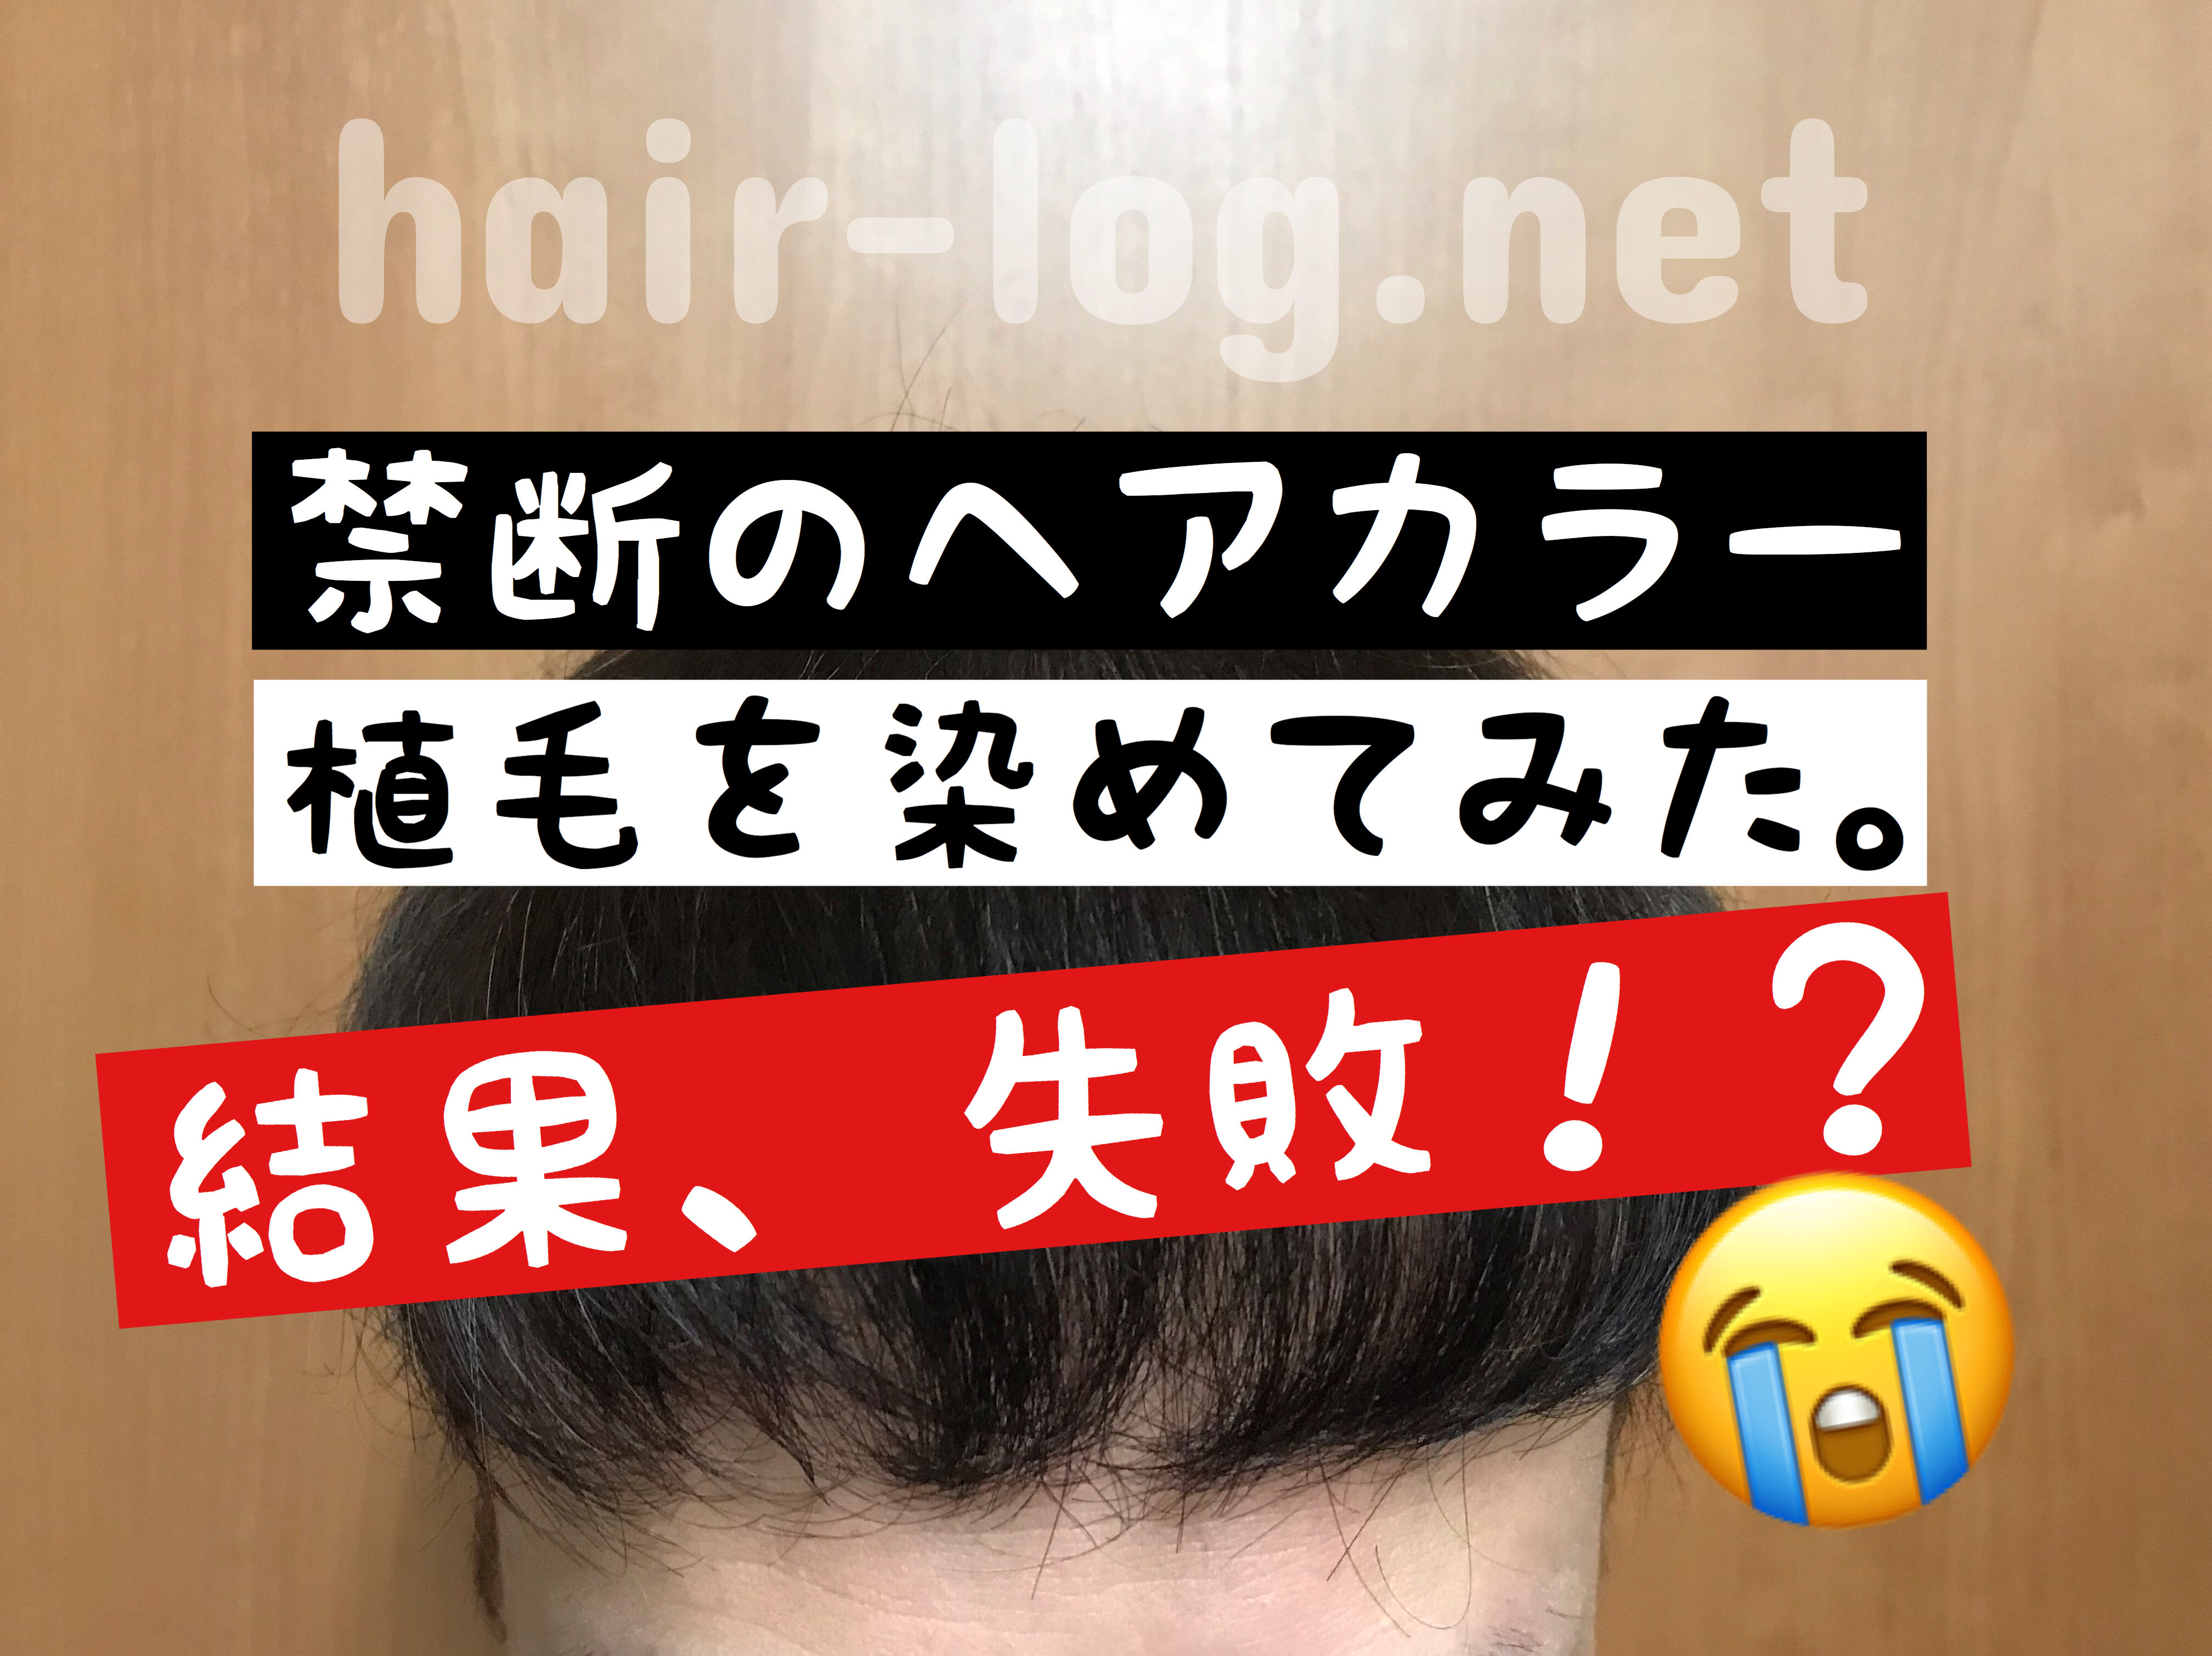 植毛を染めたらどうなる?禁断のヘアカラーをしてみた結果、失敗した話。